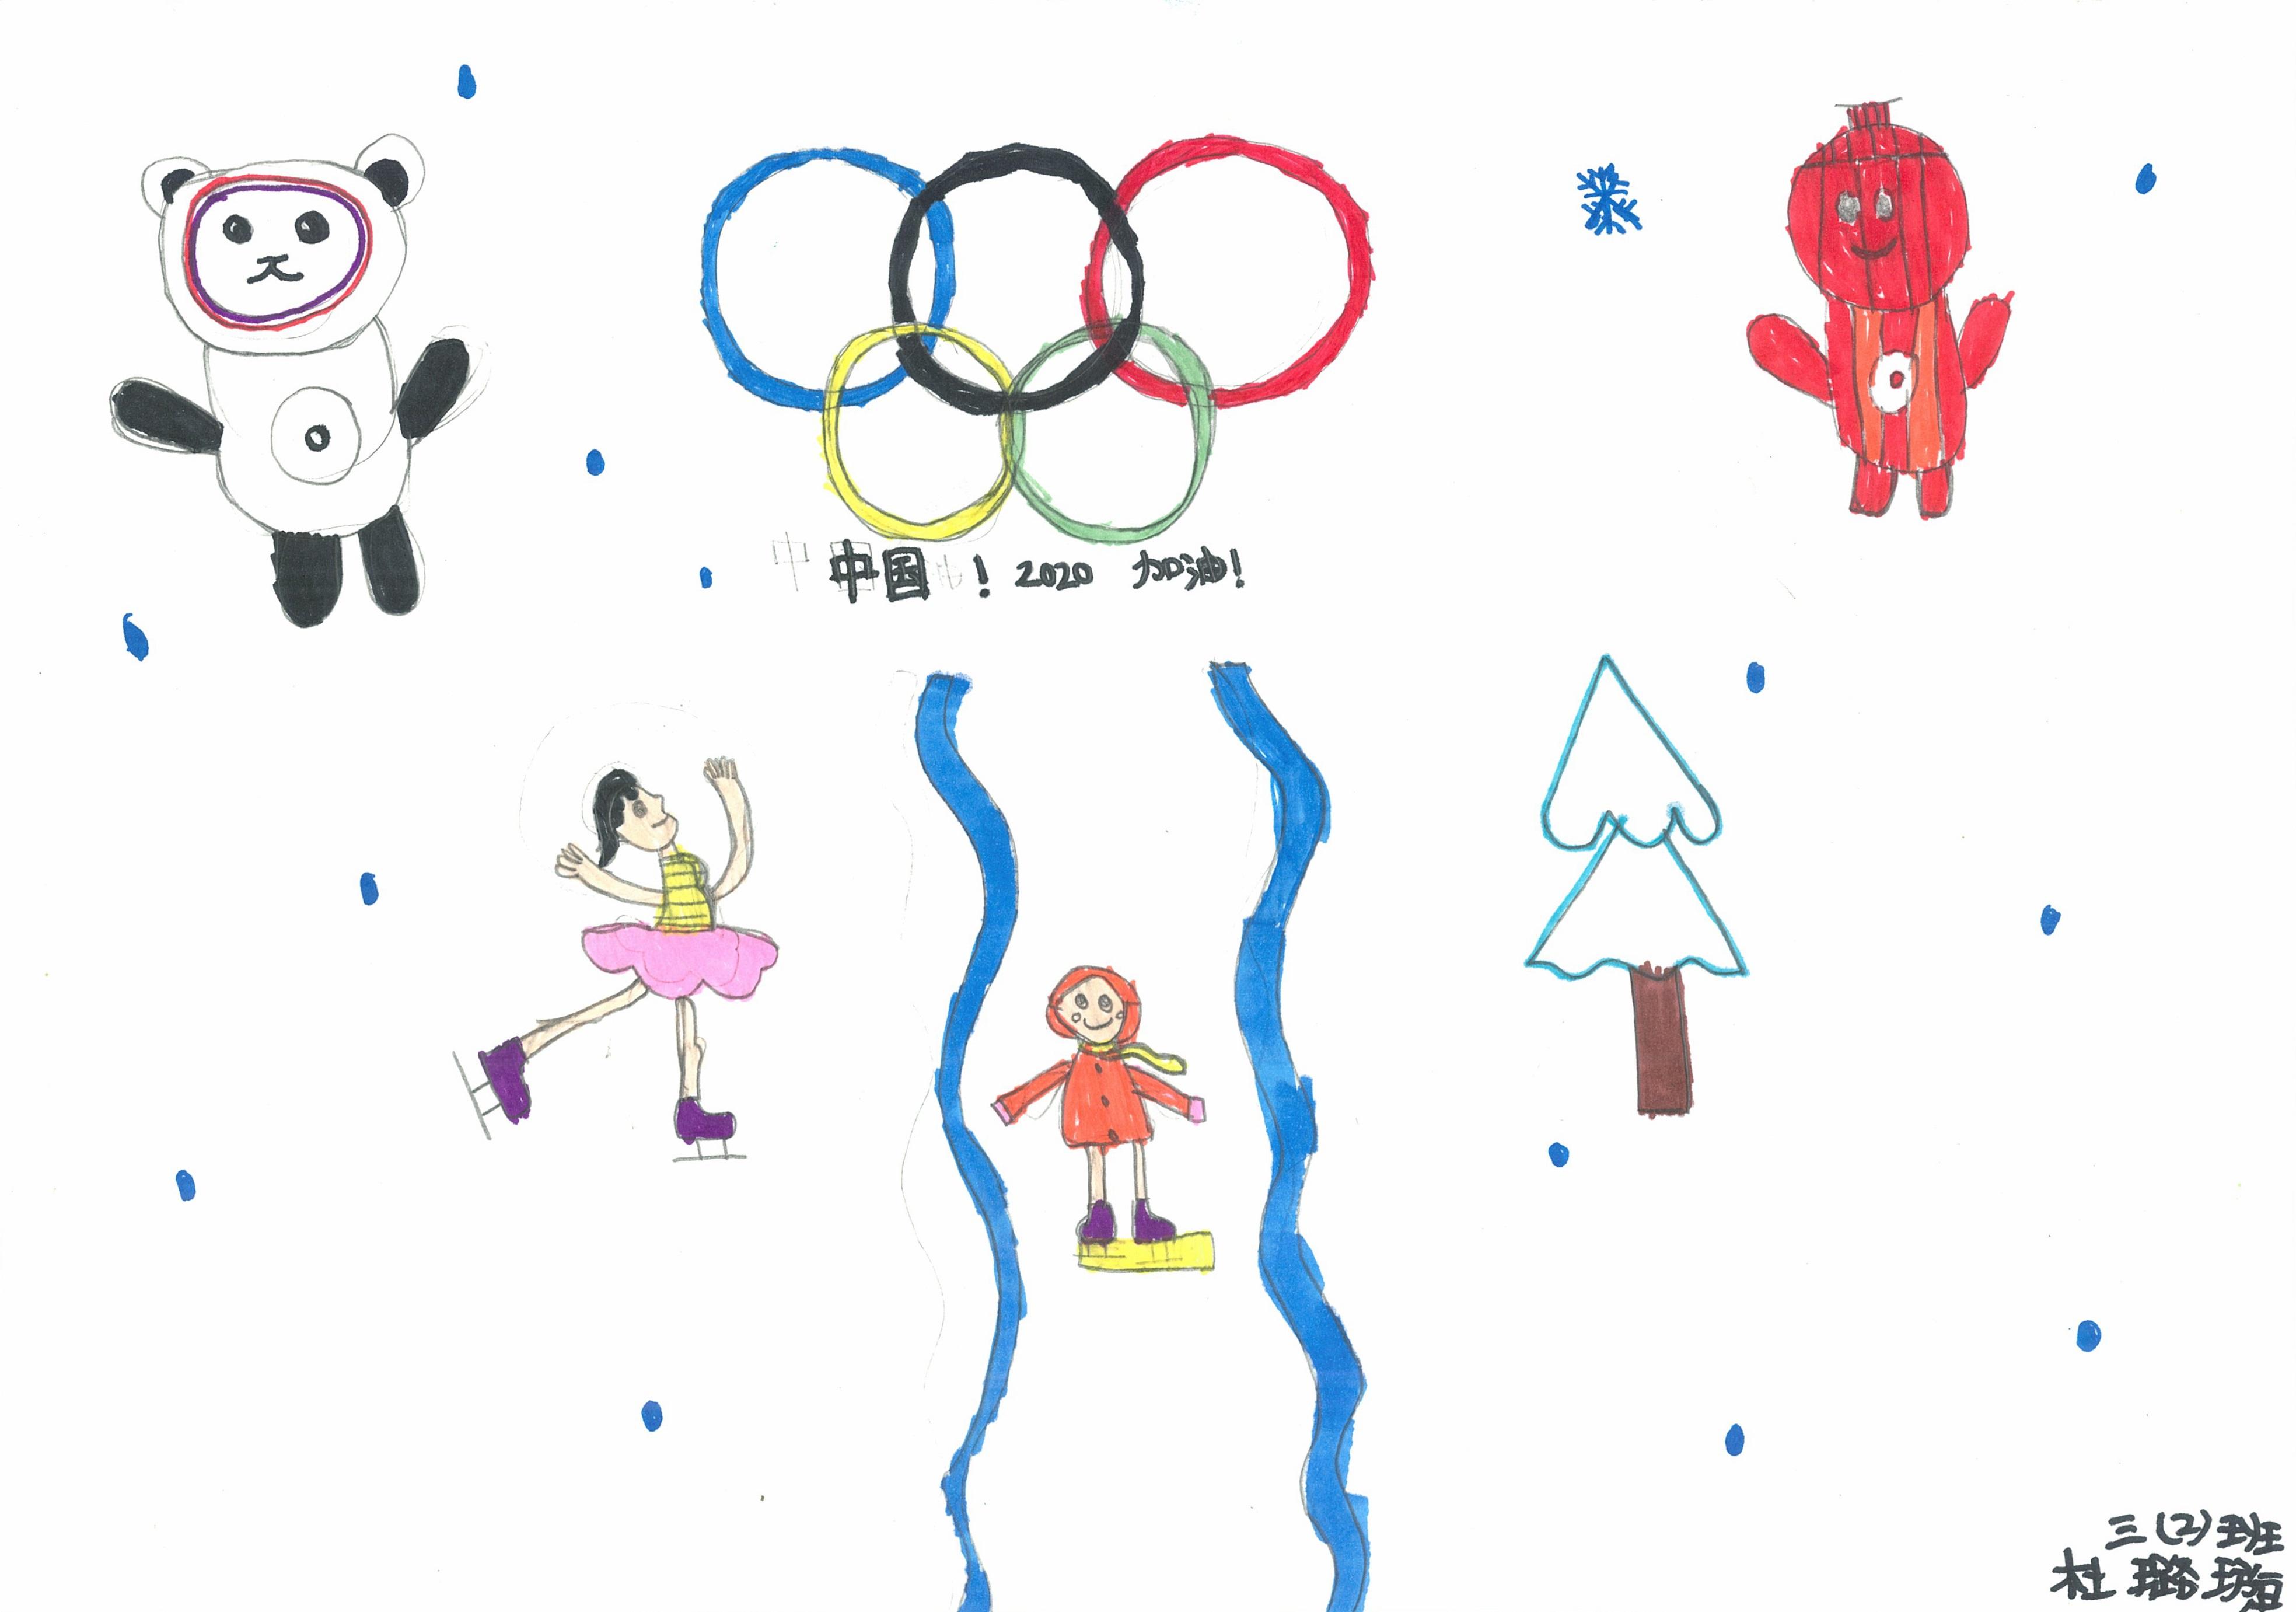 《我心中的冬奥荣耀时刻》Glory Moments Of The Winter Olympics In My Heart +杜璐璇 Du Luxuan